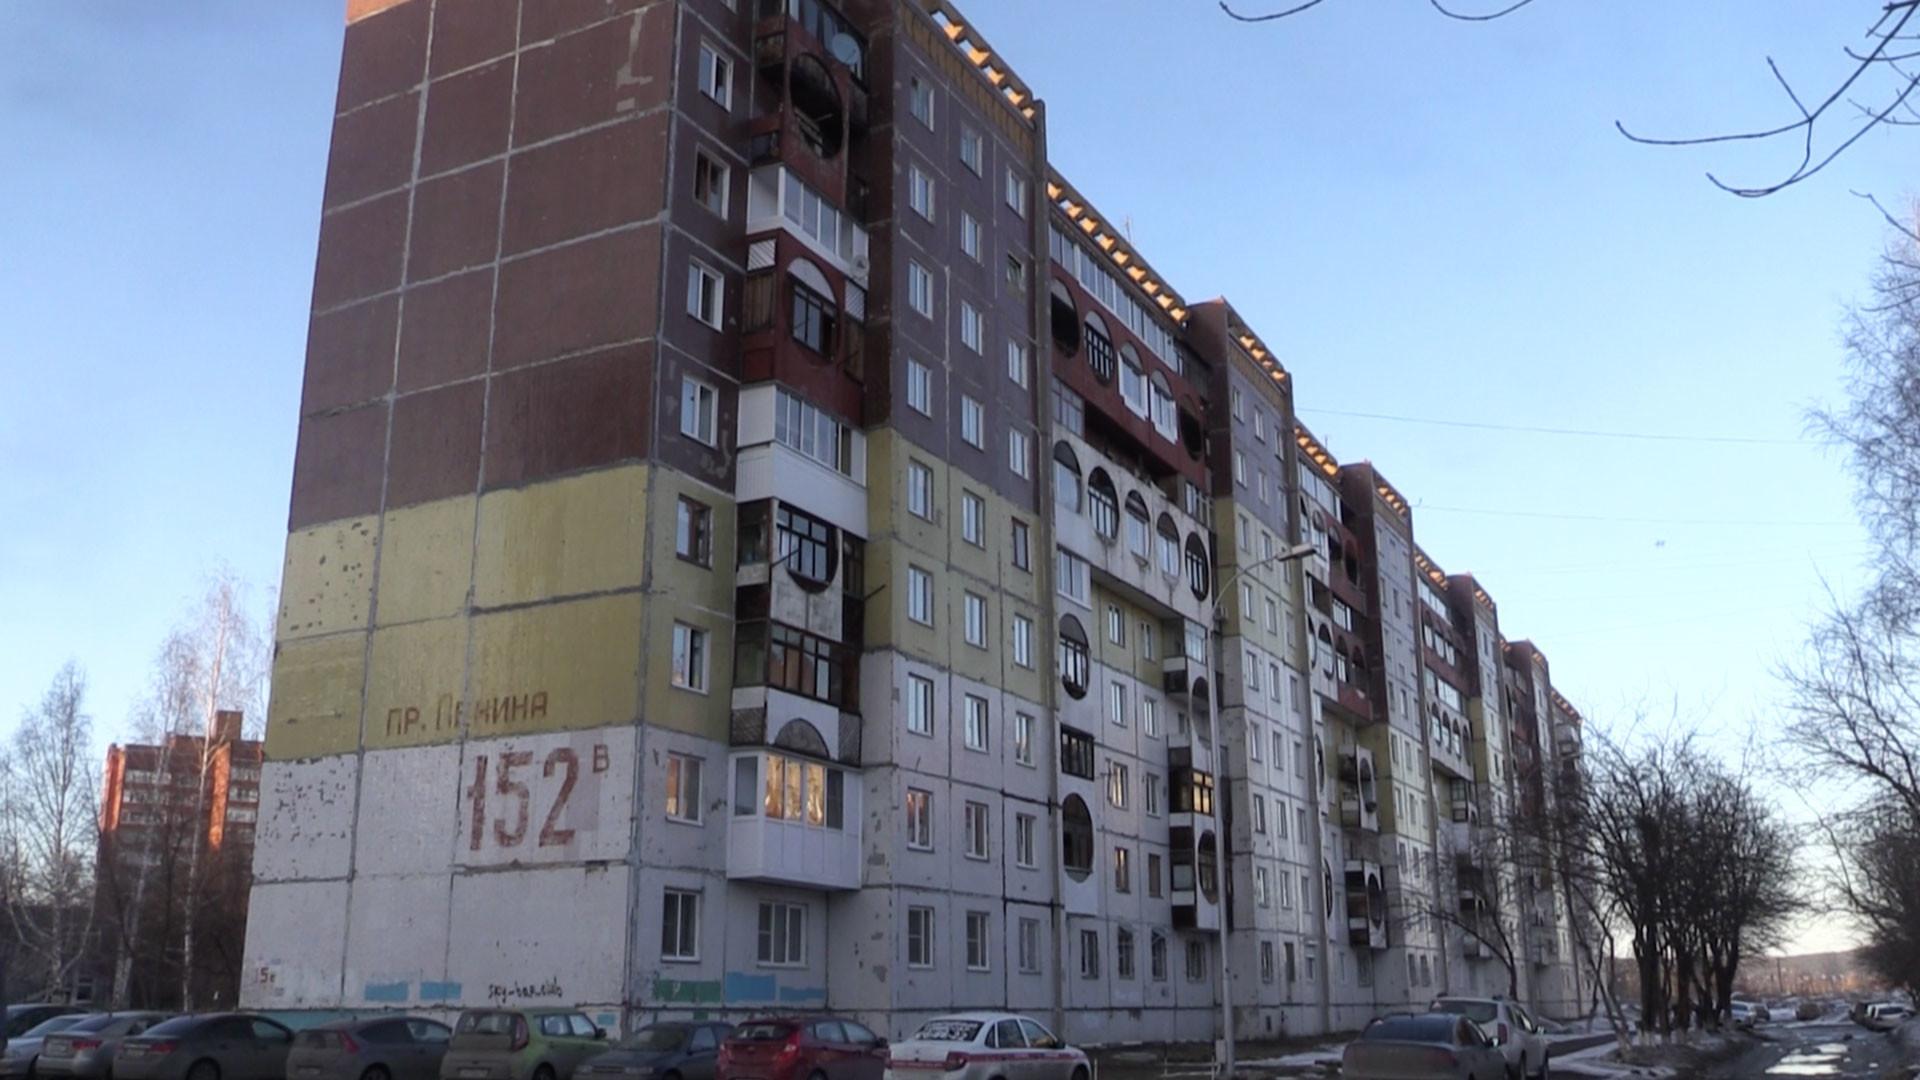 Квартира на проспекте Ленина, 152в. Фото: © L!FE